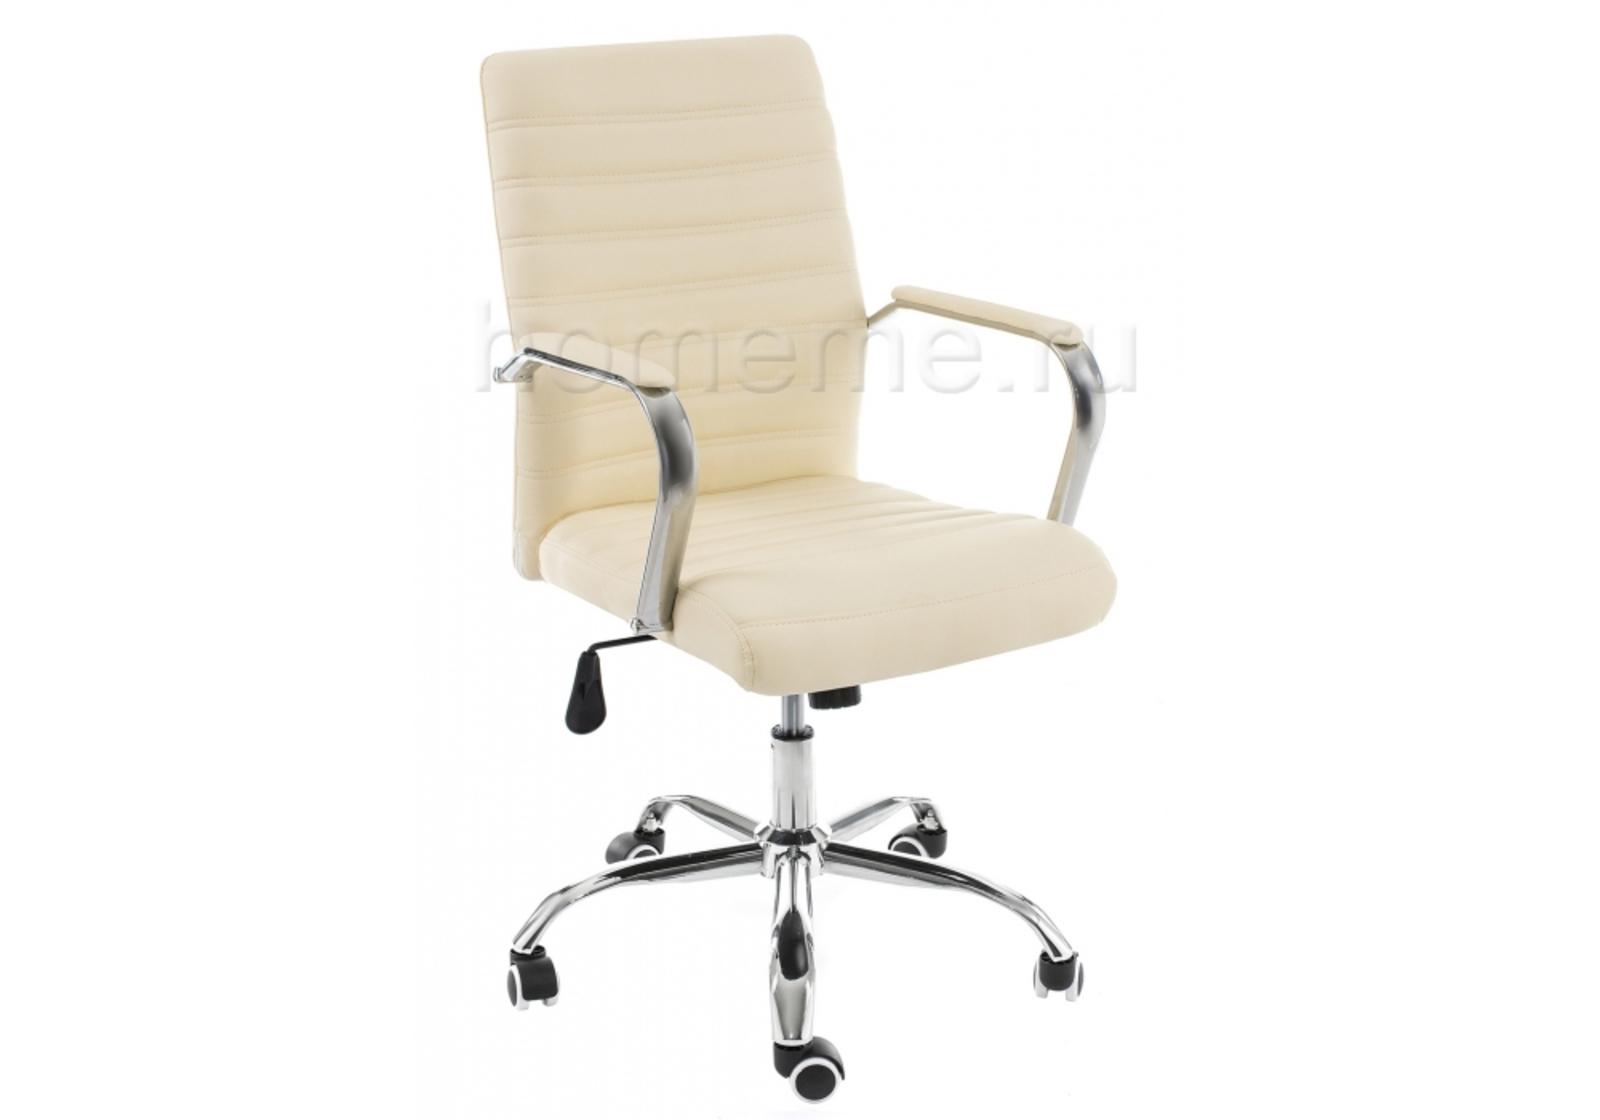 Кресло для офиса HomeMe Компьютерное кресло Tongo бежевое 11067 от Homeme.ru